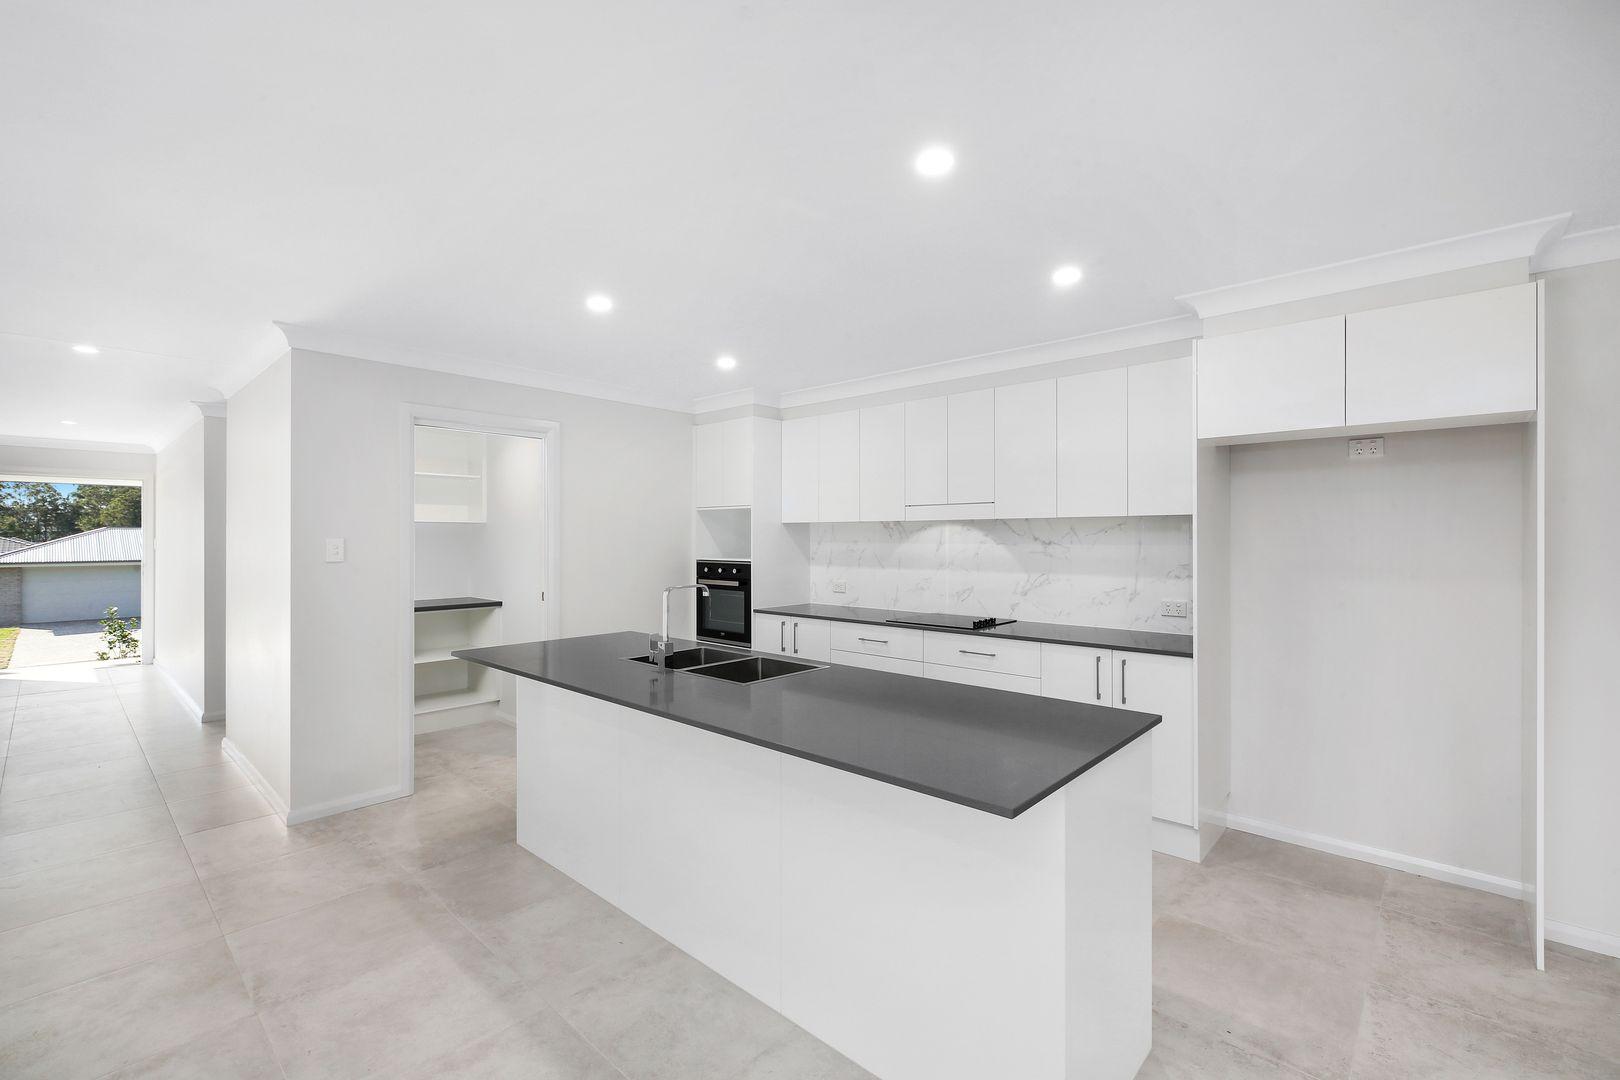 36 Tarragon Drive, Wauchope NSW 2446, Image 1